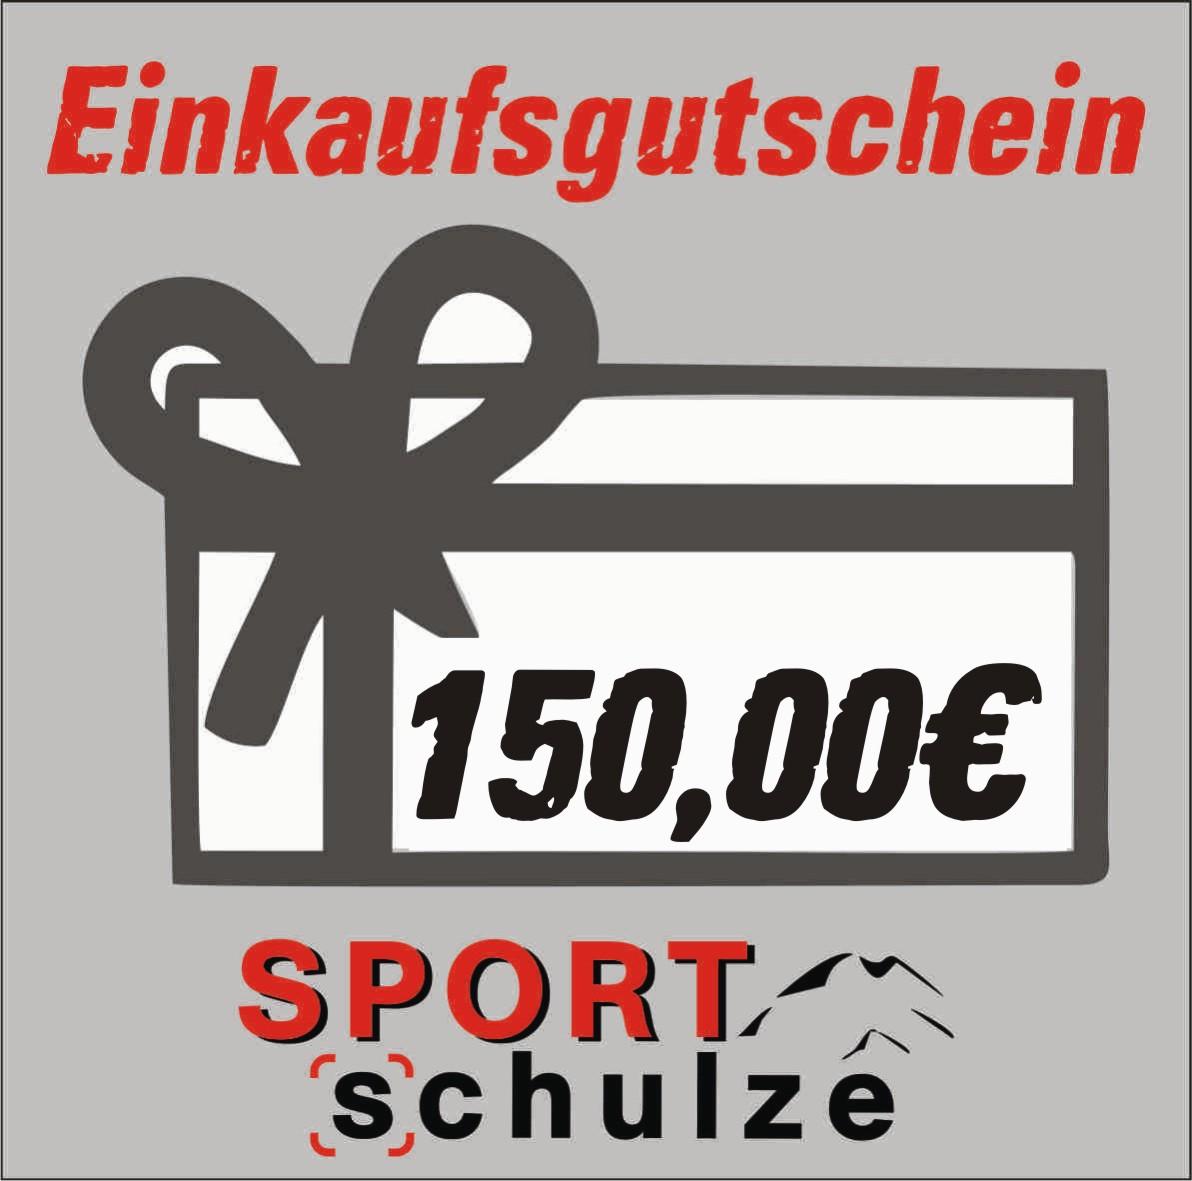 150€ Einkaufsgutschein